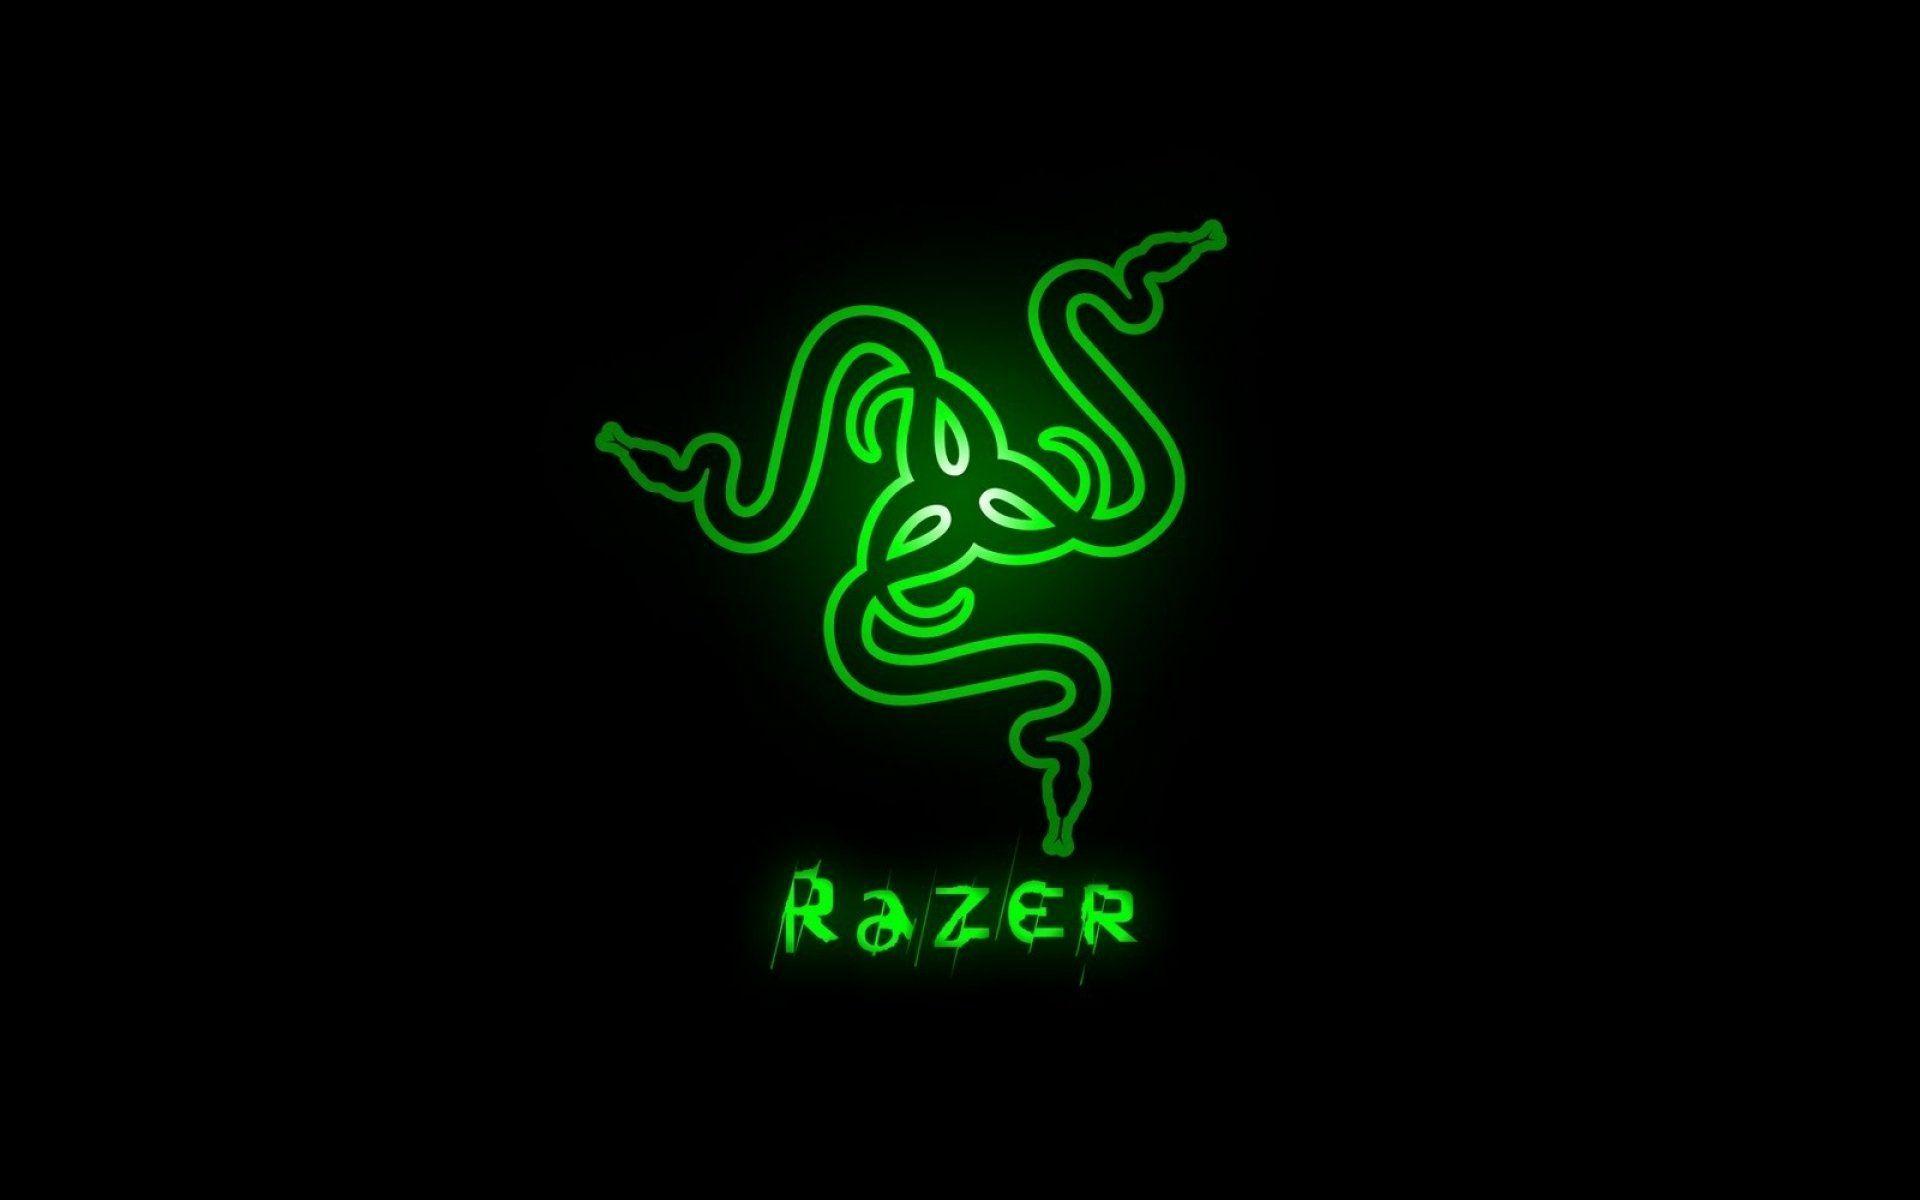 Razer Gaming Wallpapers - Top Free